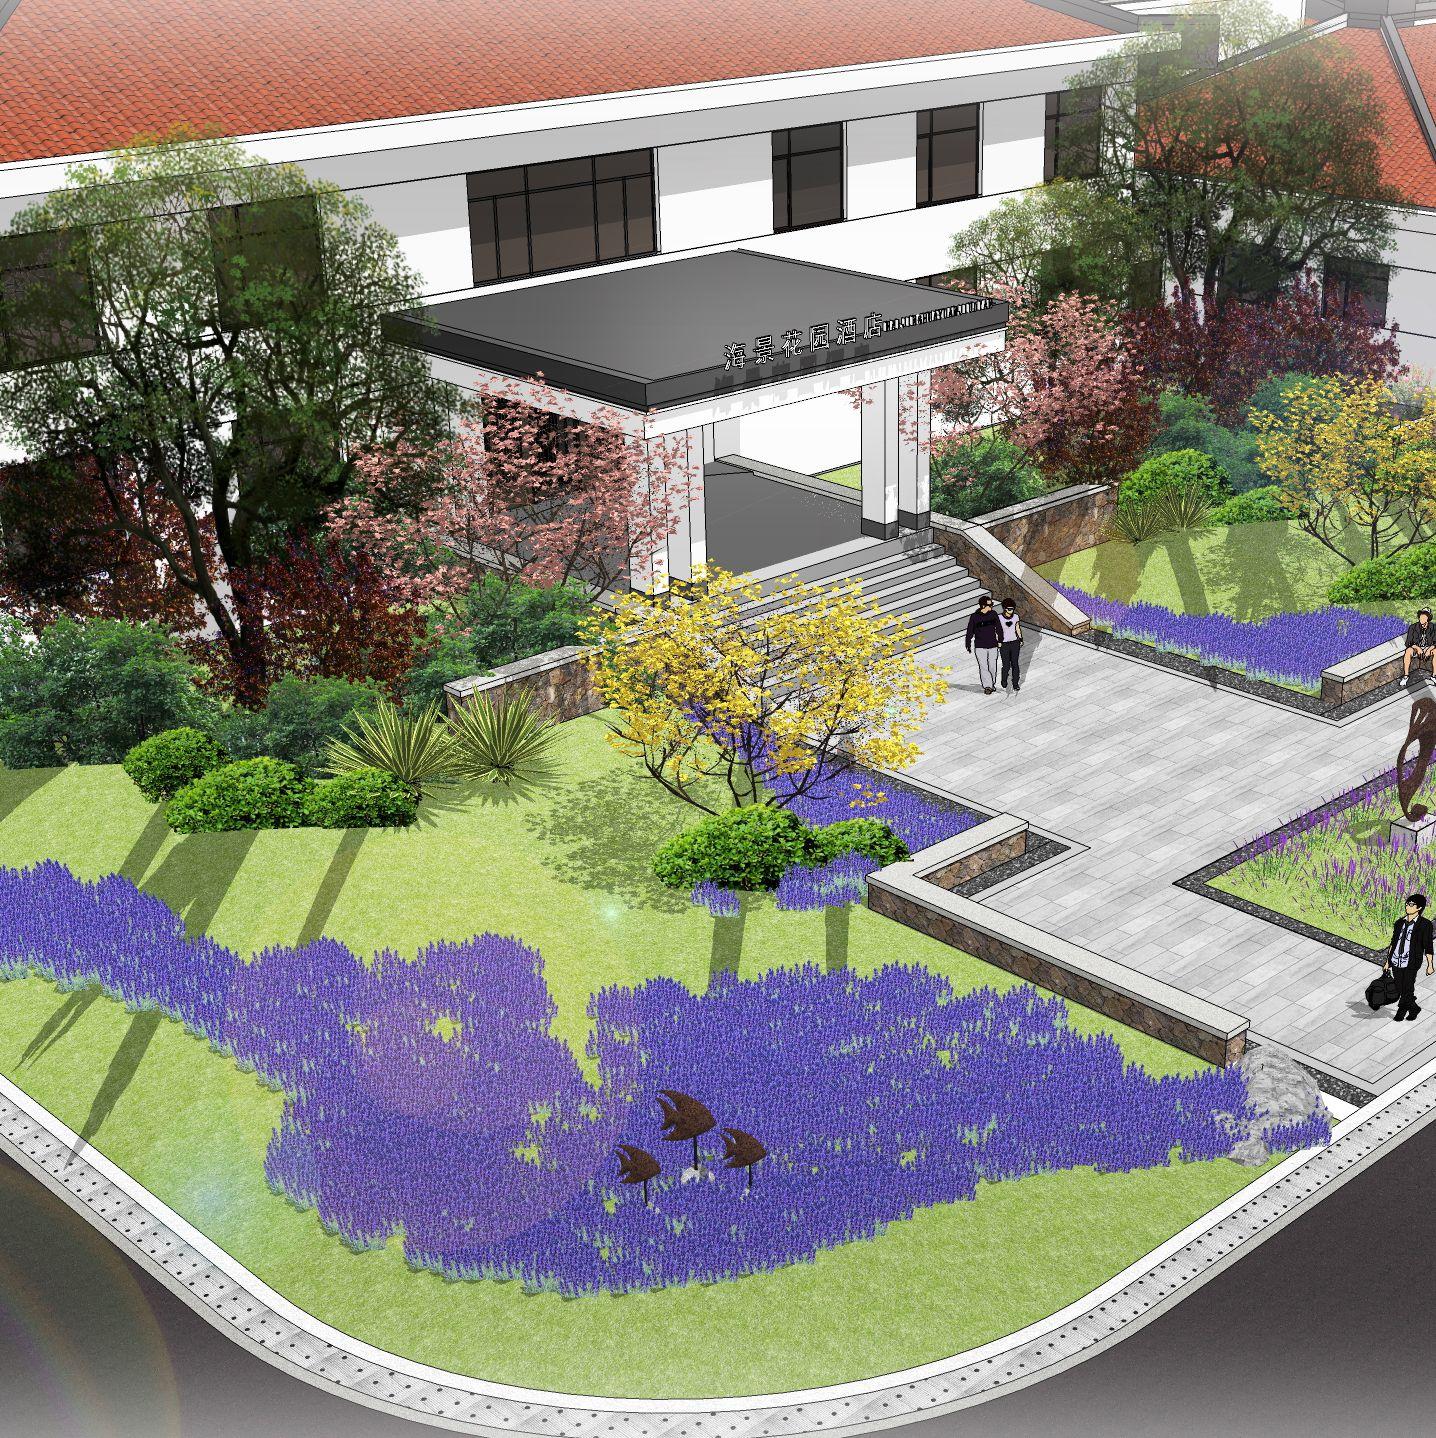 日照海景花园大酒店景观园林设计项目